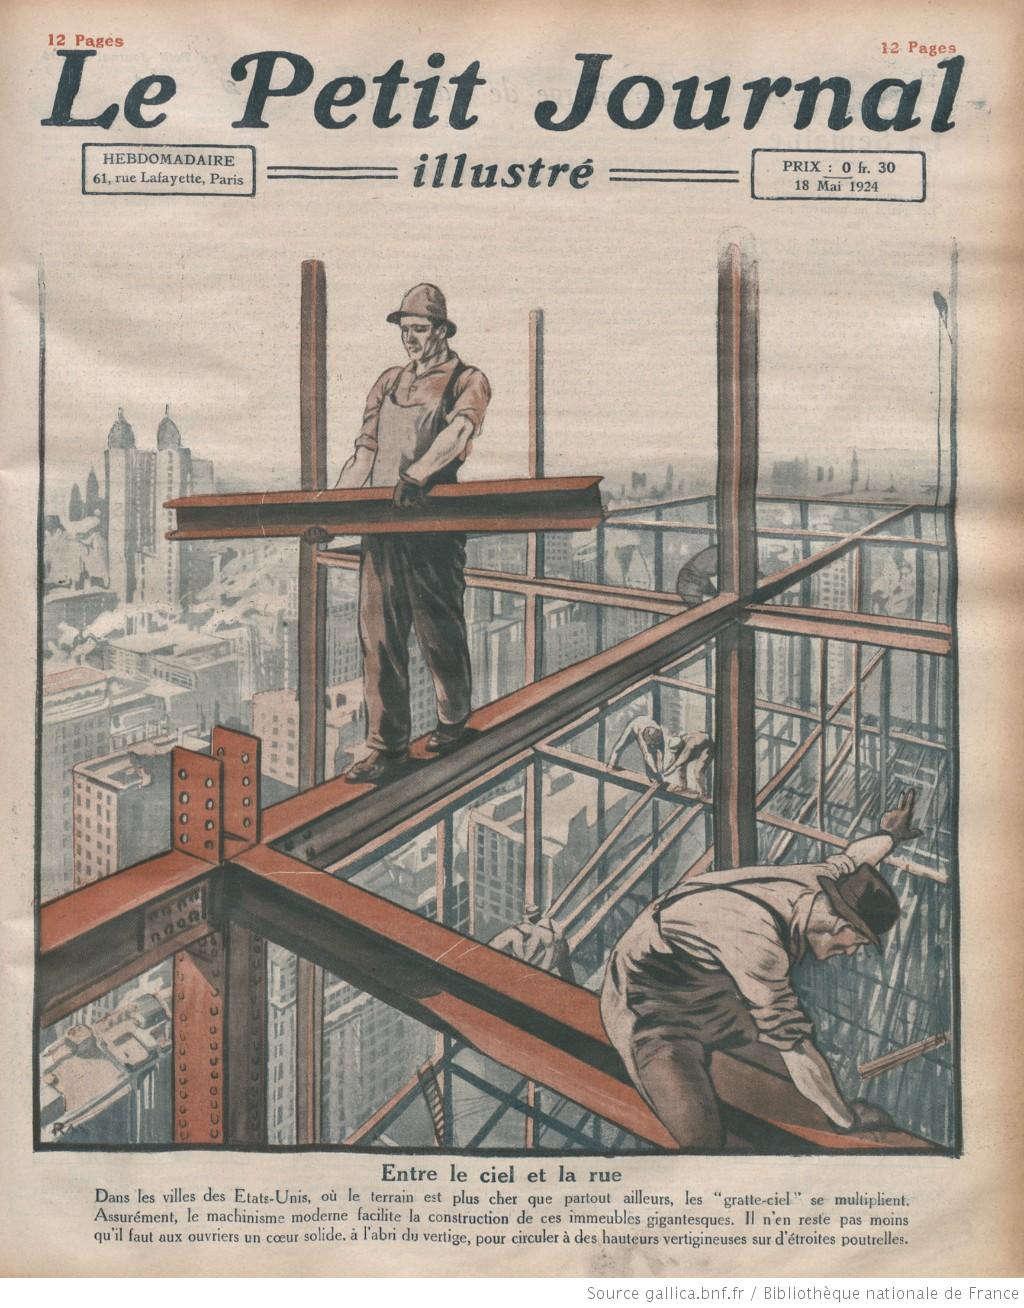 Đất chật người đông - nên những tòa nhà chọc trời sẽ là lựa chọn tối ưu cho người Mỹ và cả cư dân nước Pháp.